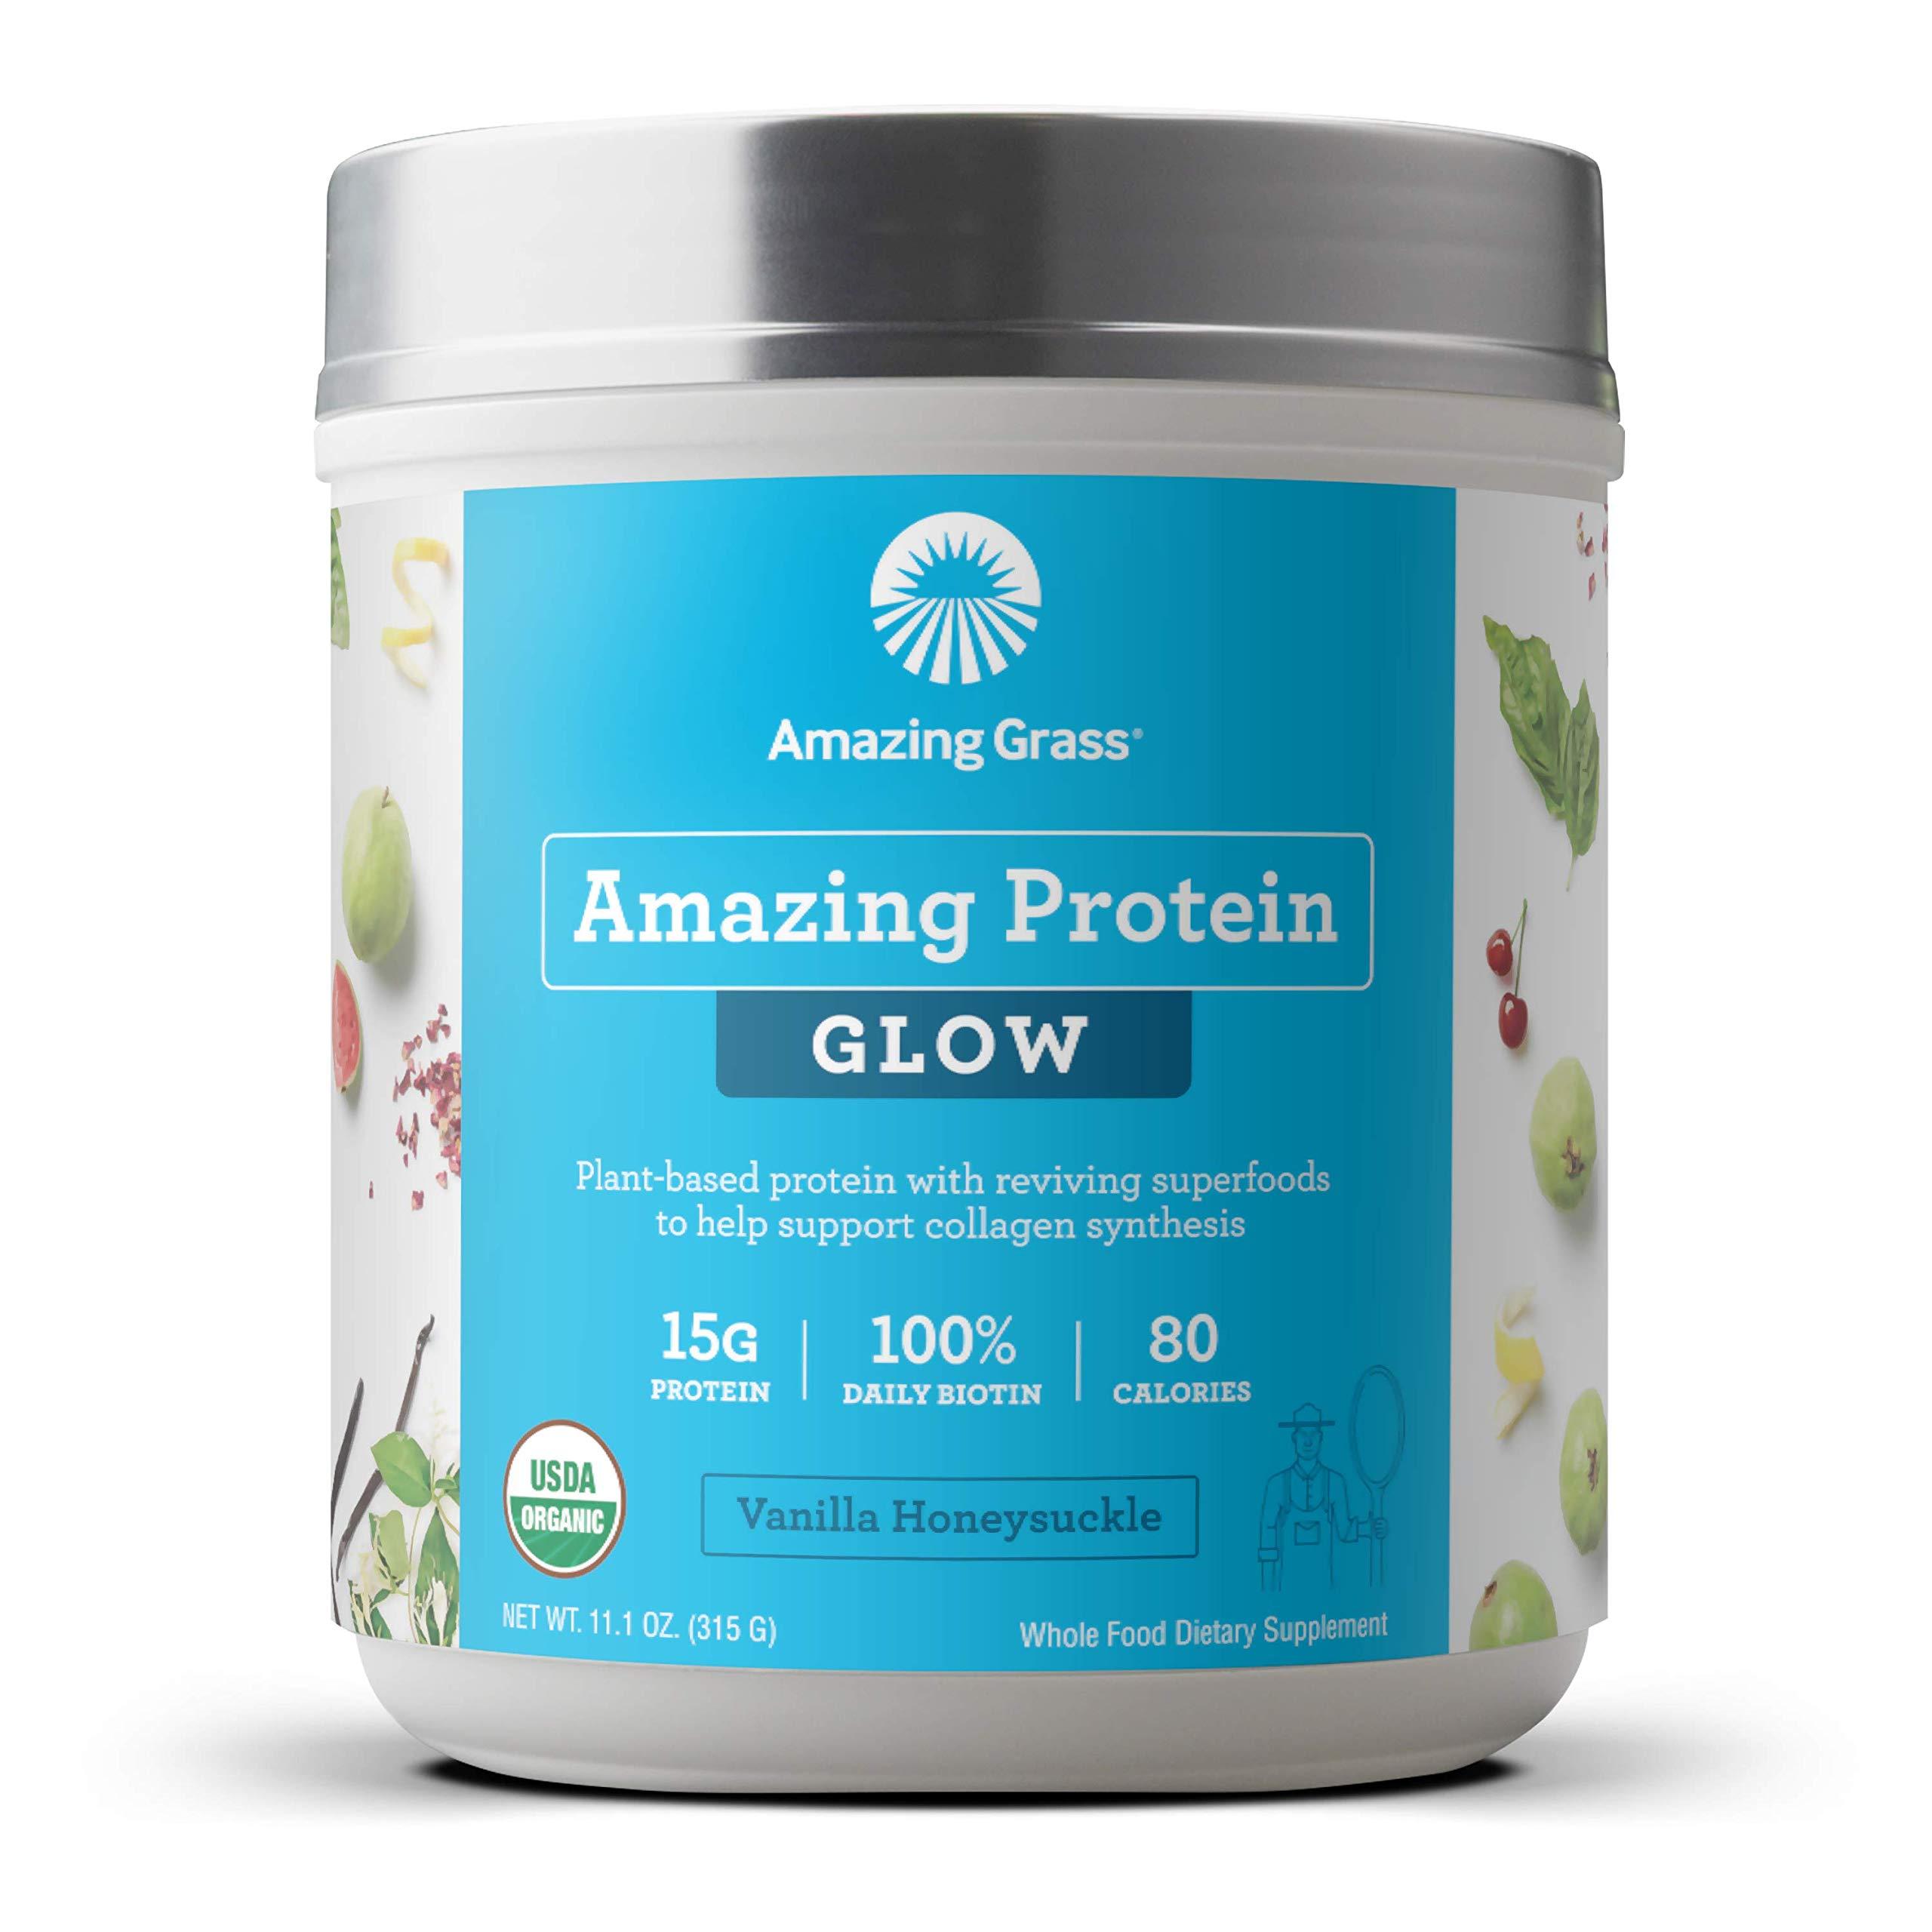 Amazing Grass GLOW Vegan Protein Powder: Organic Plant Based Collagen Support Protein Powder with Biotin Supplements, Vanilla Honeysuckle Flavor, 15 Servings by Amazing Grass